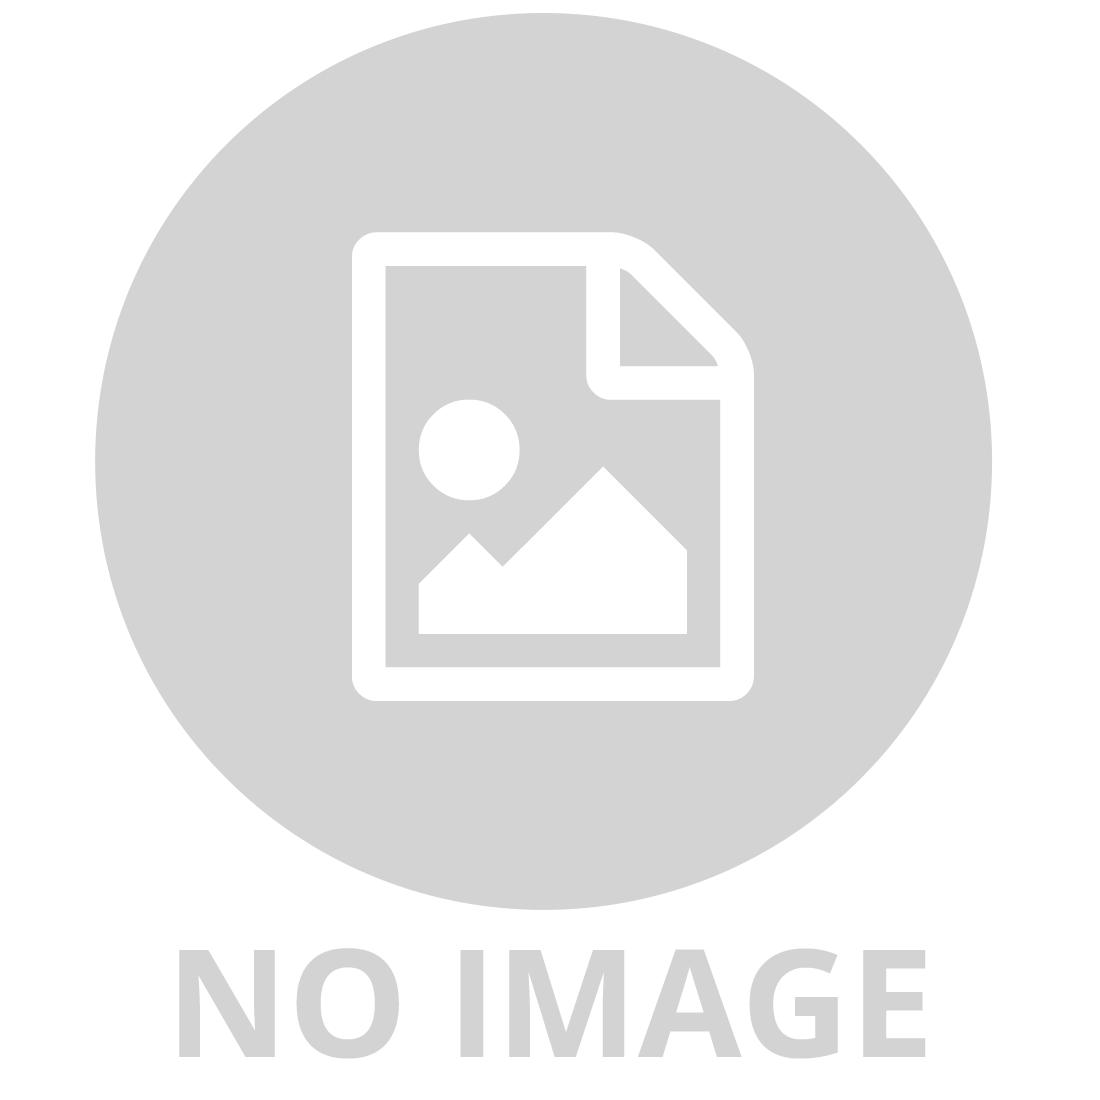 LEGO FRIENDS 41327 MIAS BEDROOM